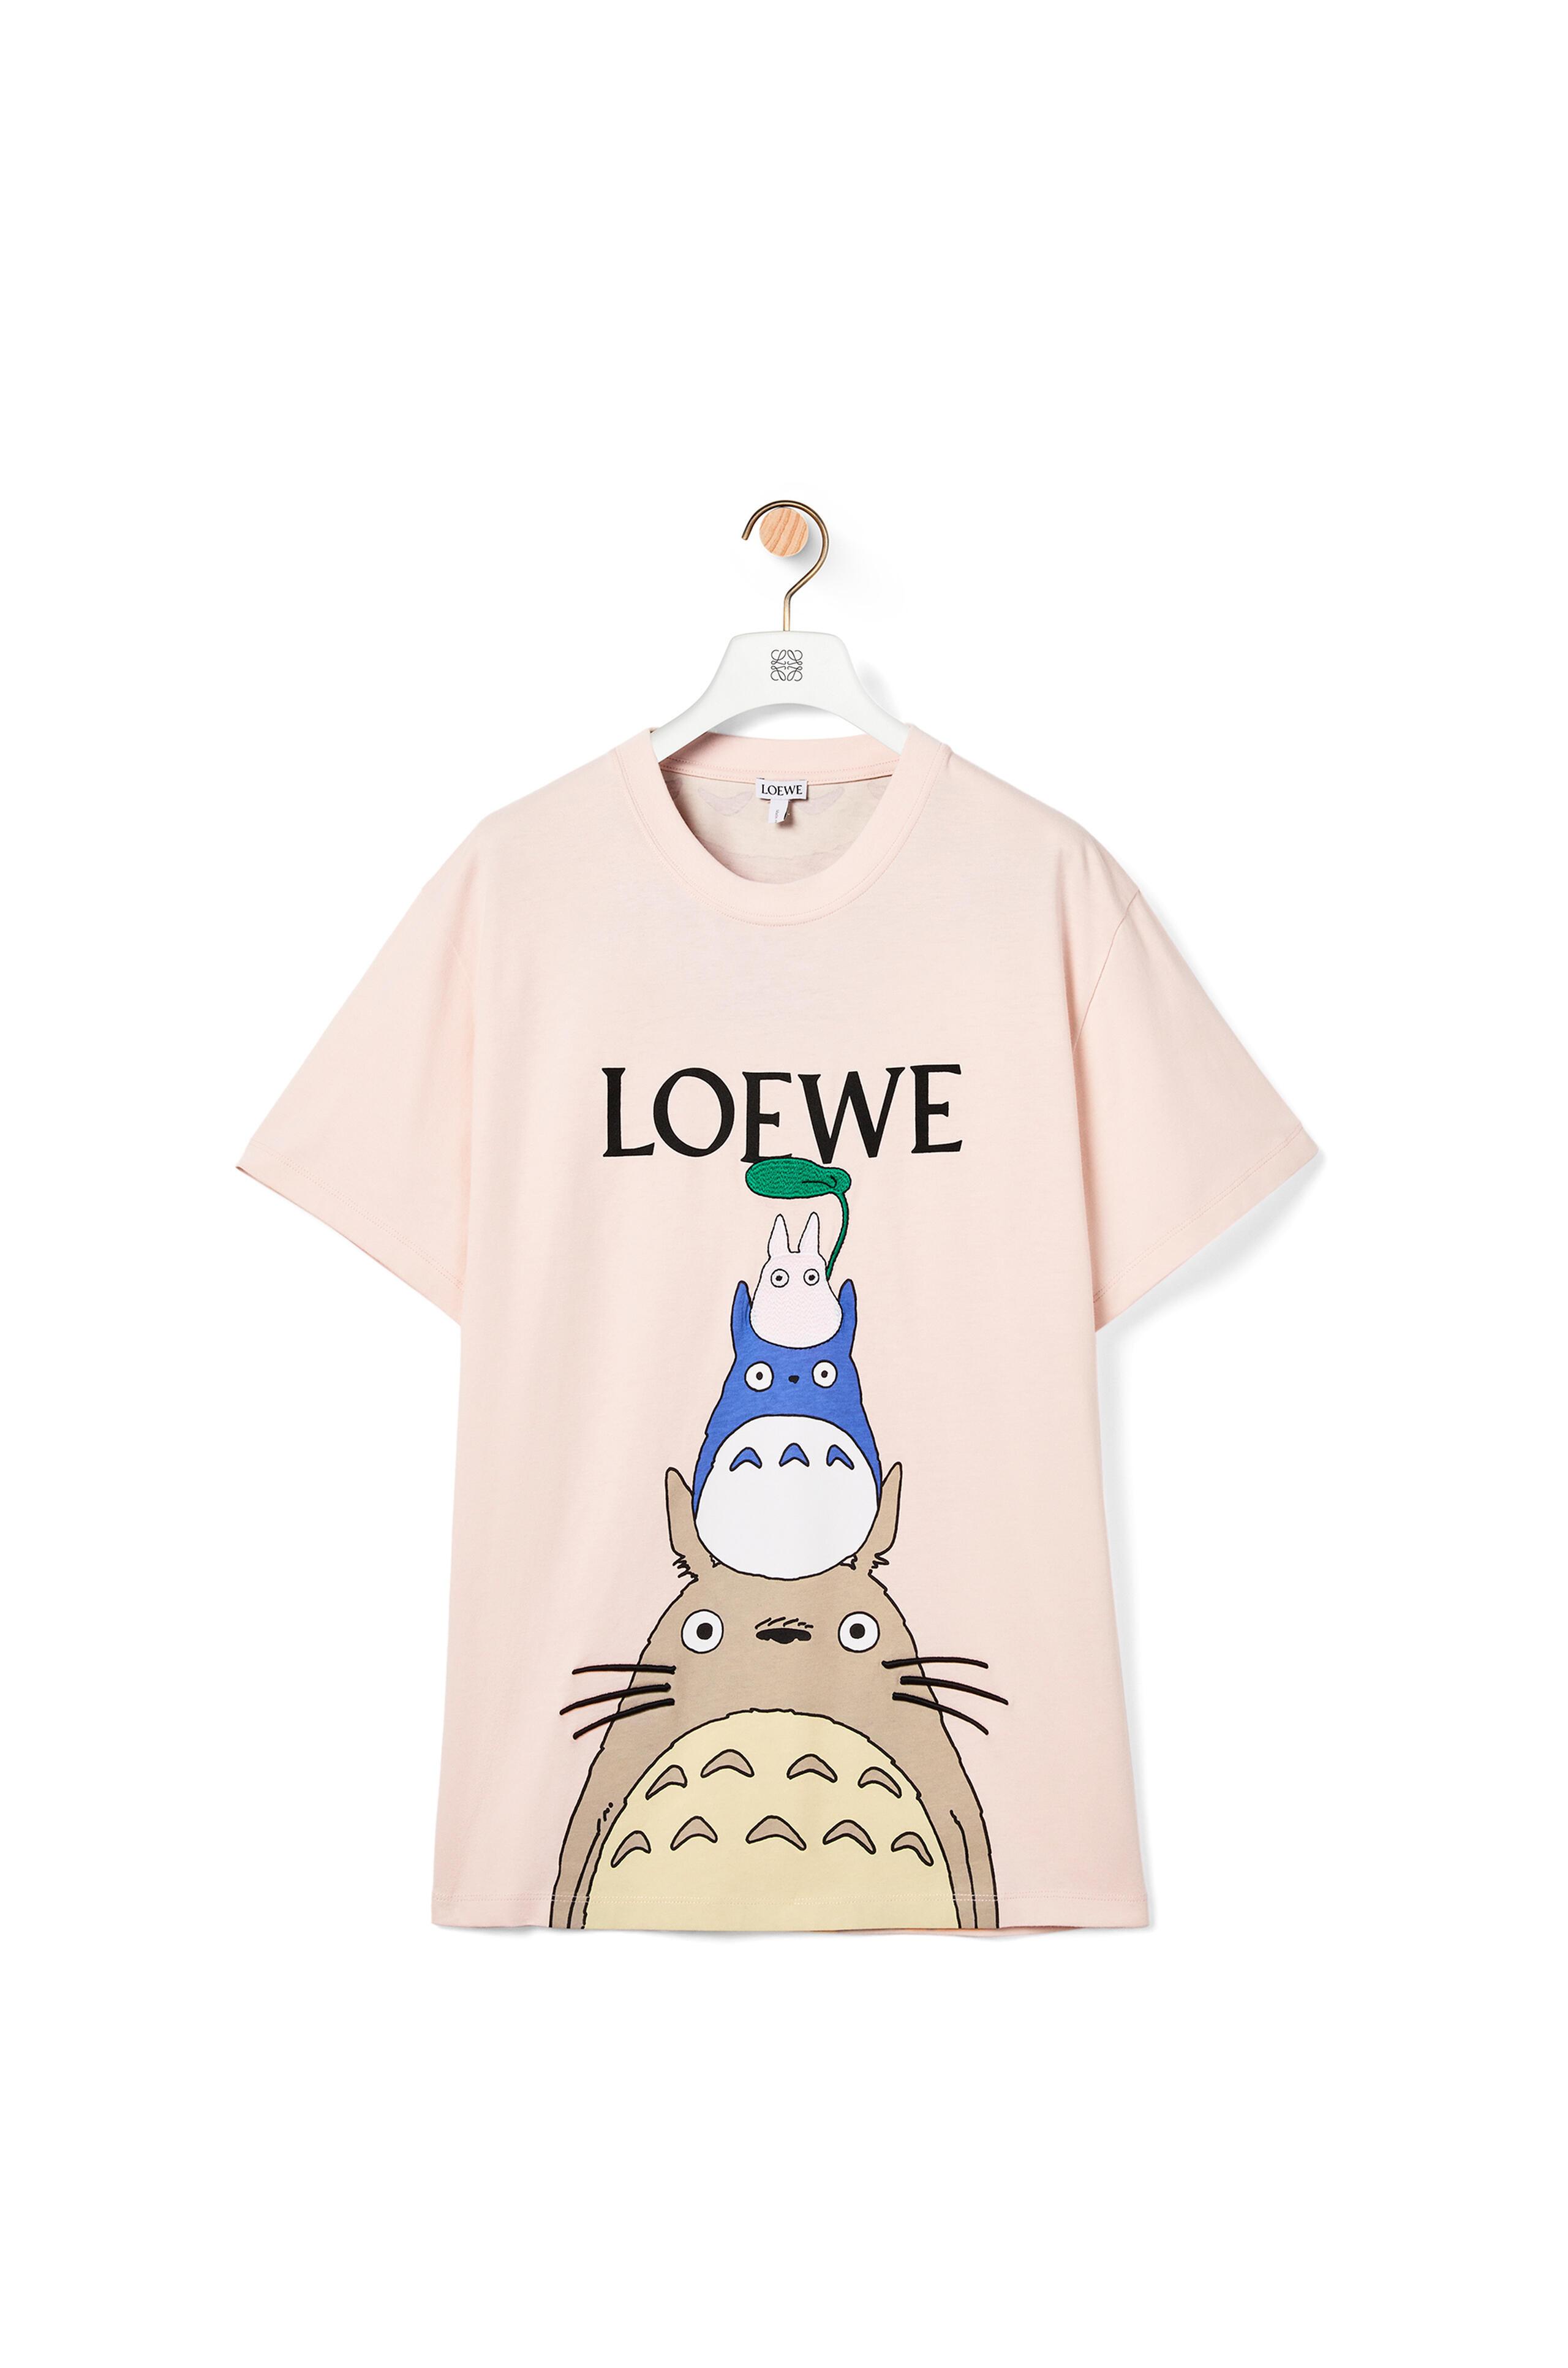 Loewe-Totoro